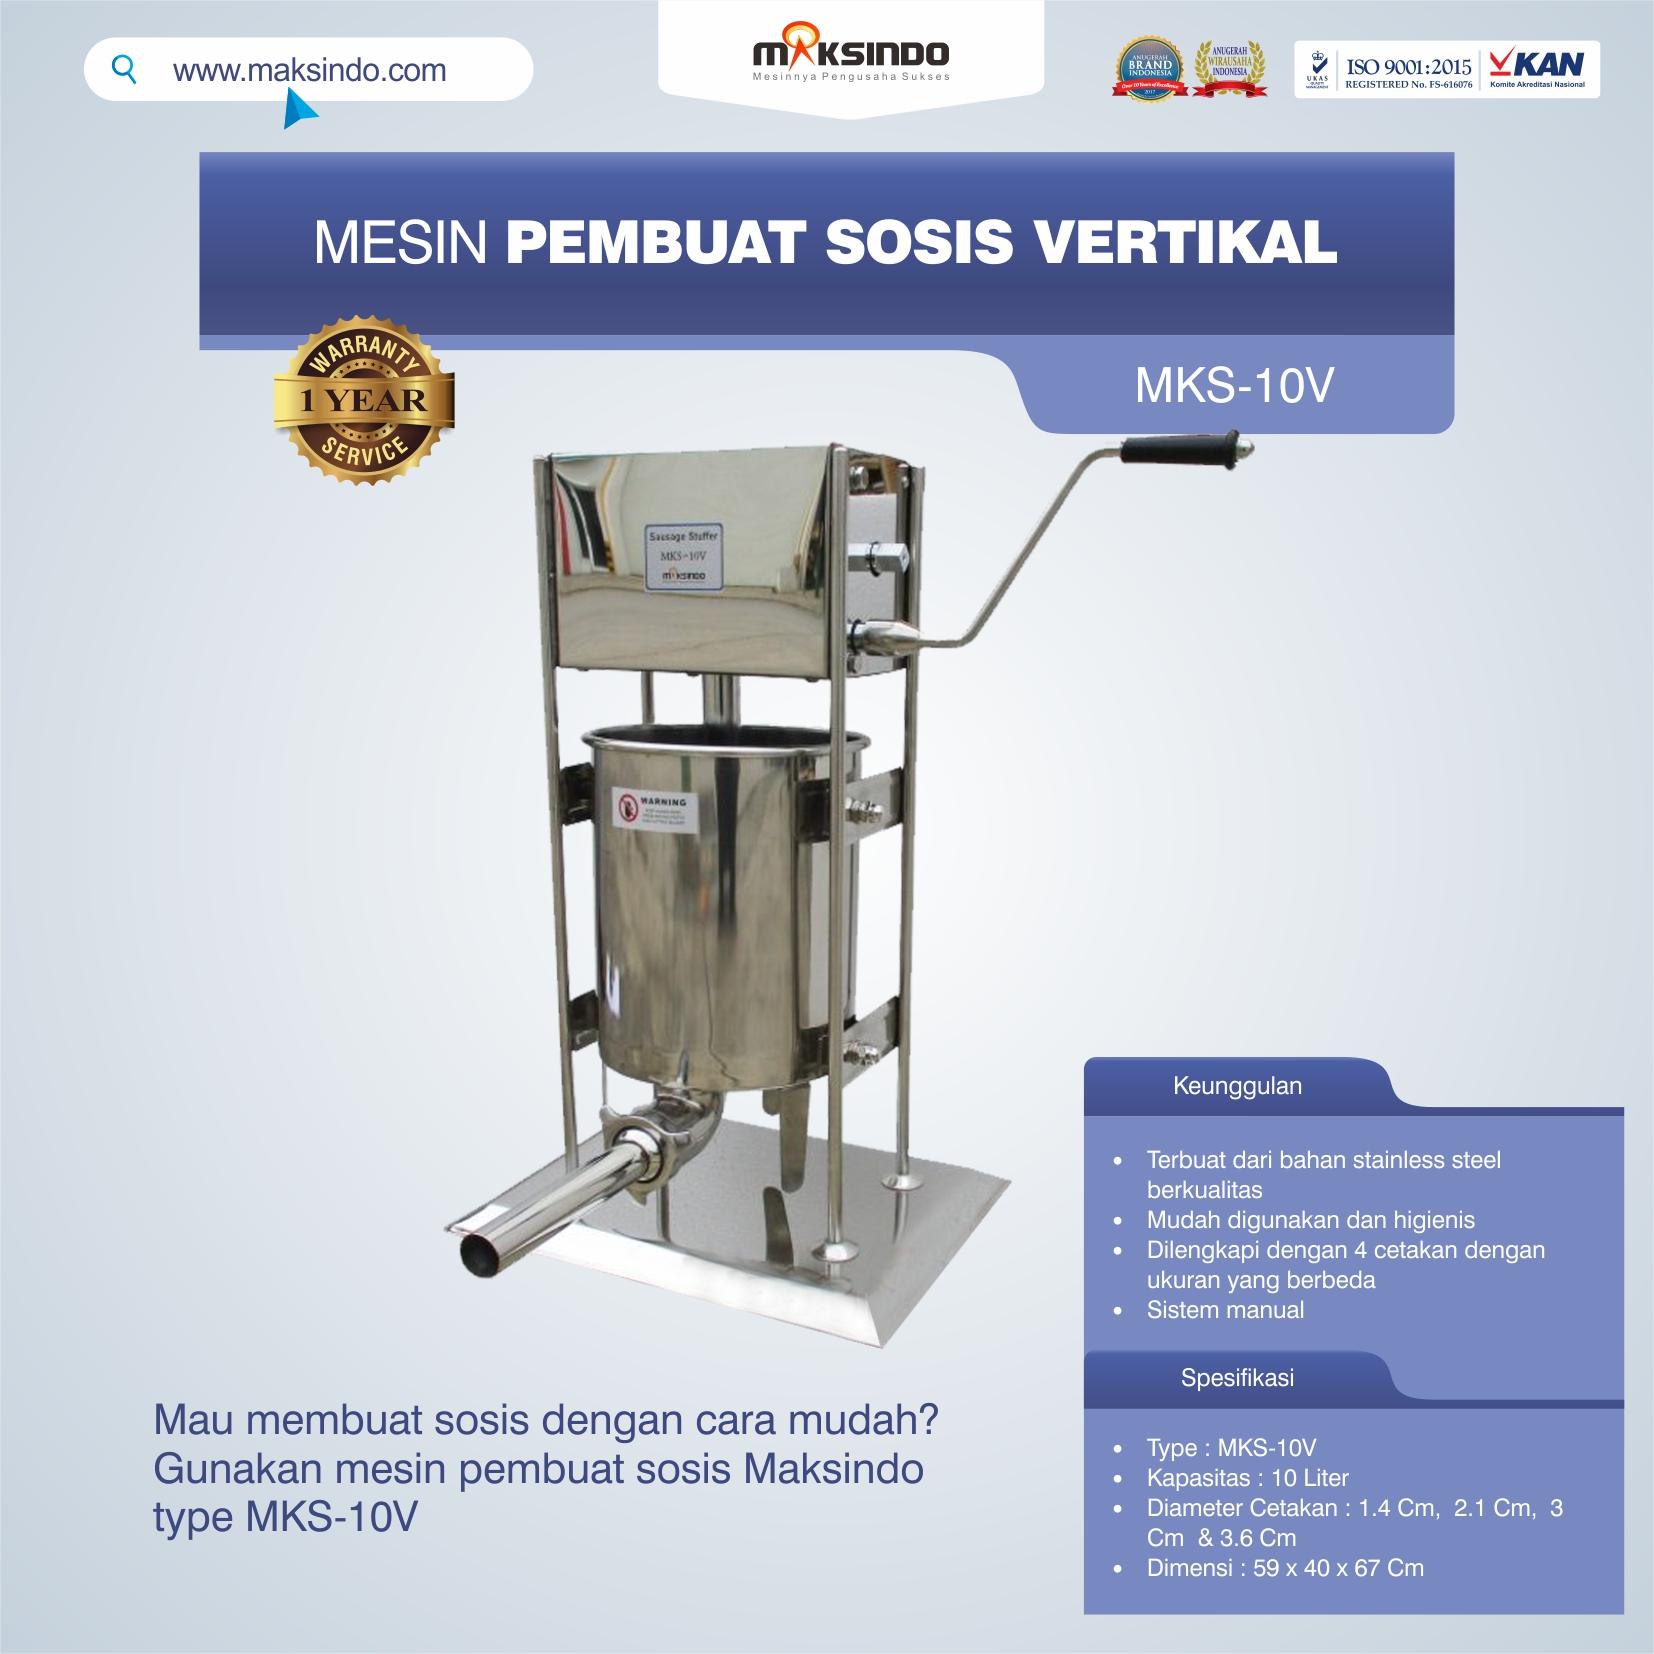 Jual Mesin Pembuat Sosis Vertikal MKS-10V di Blitar